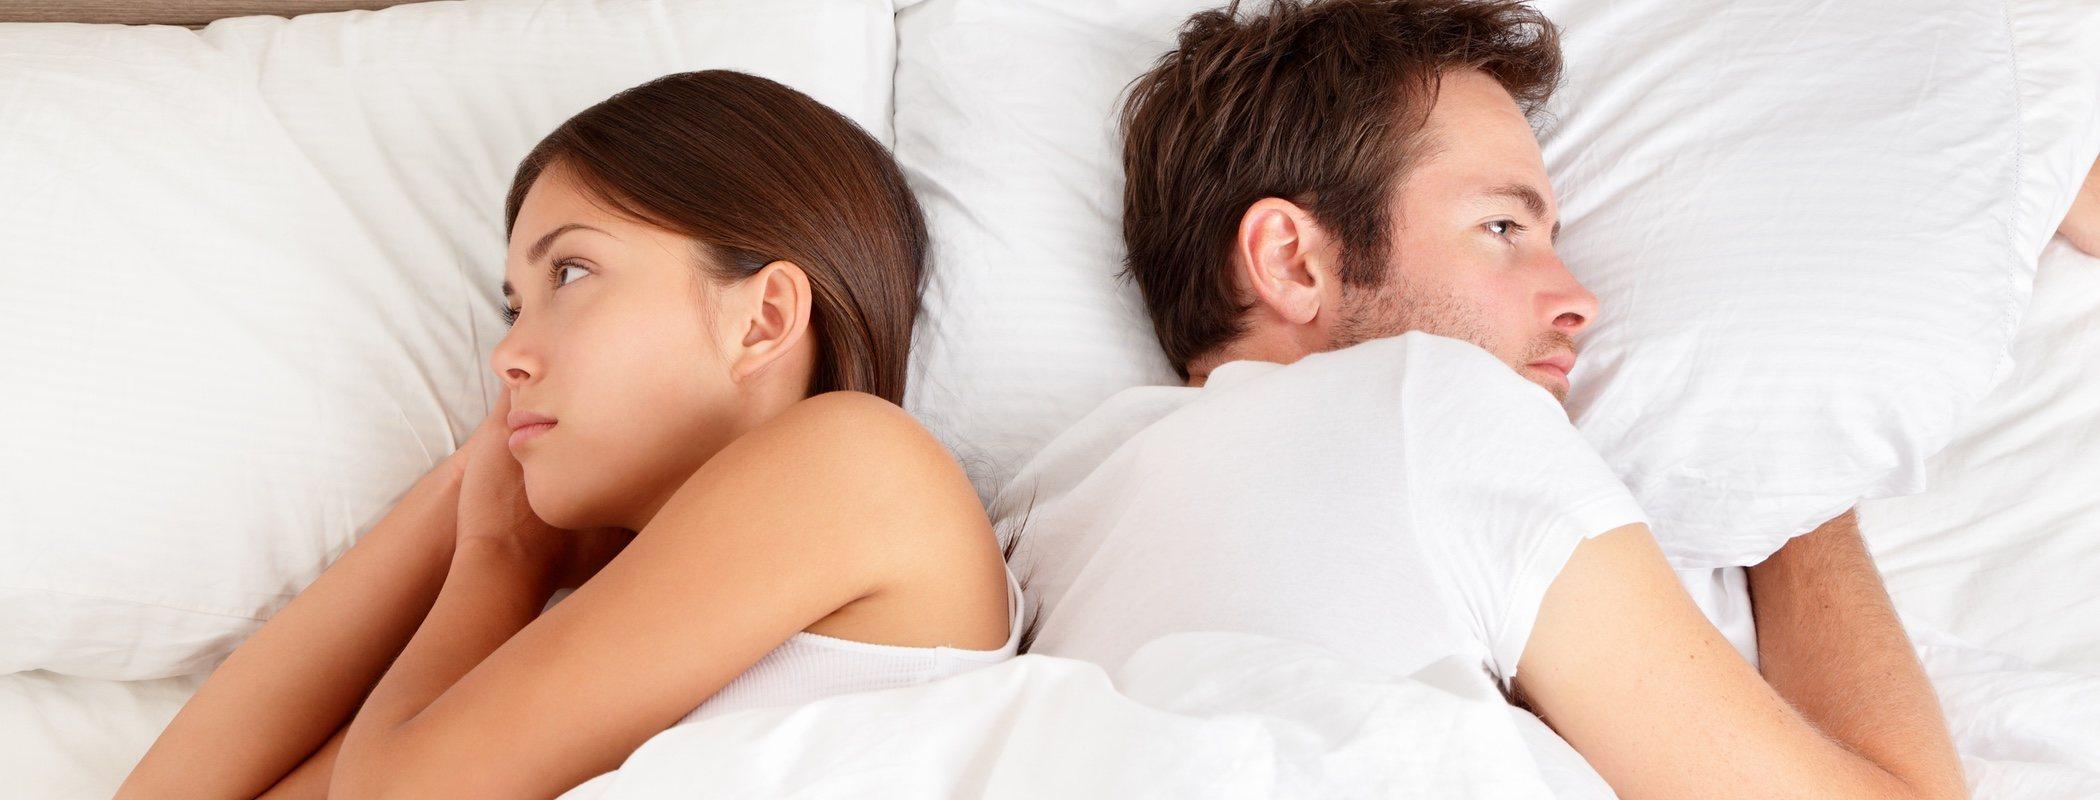 ¿Sexo doloroso? Recupera tu salud sexual